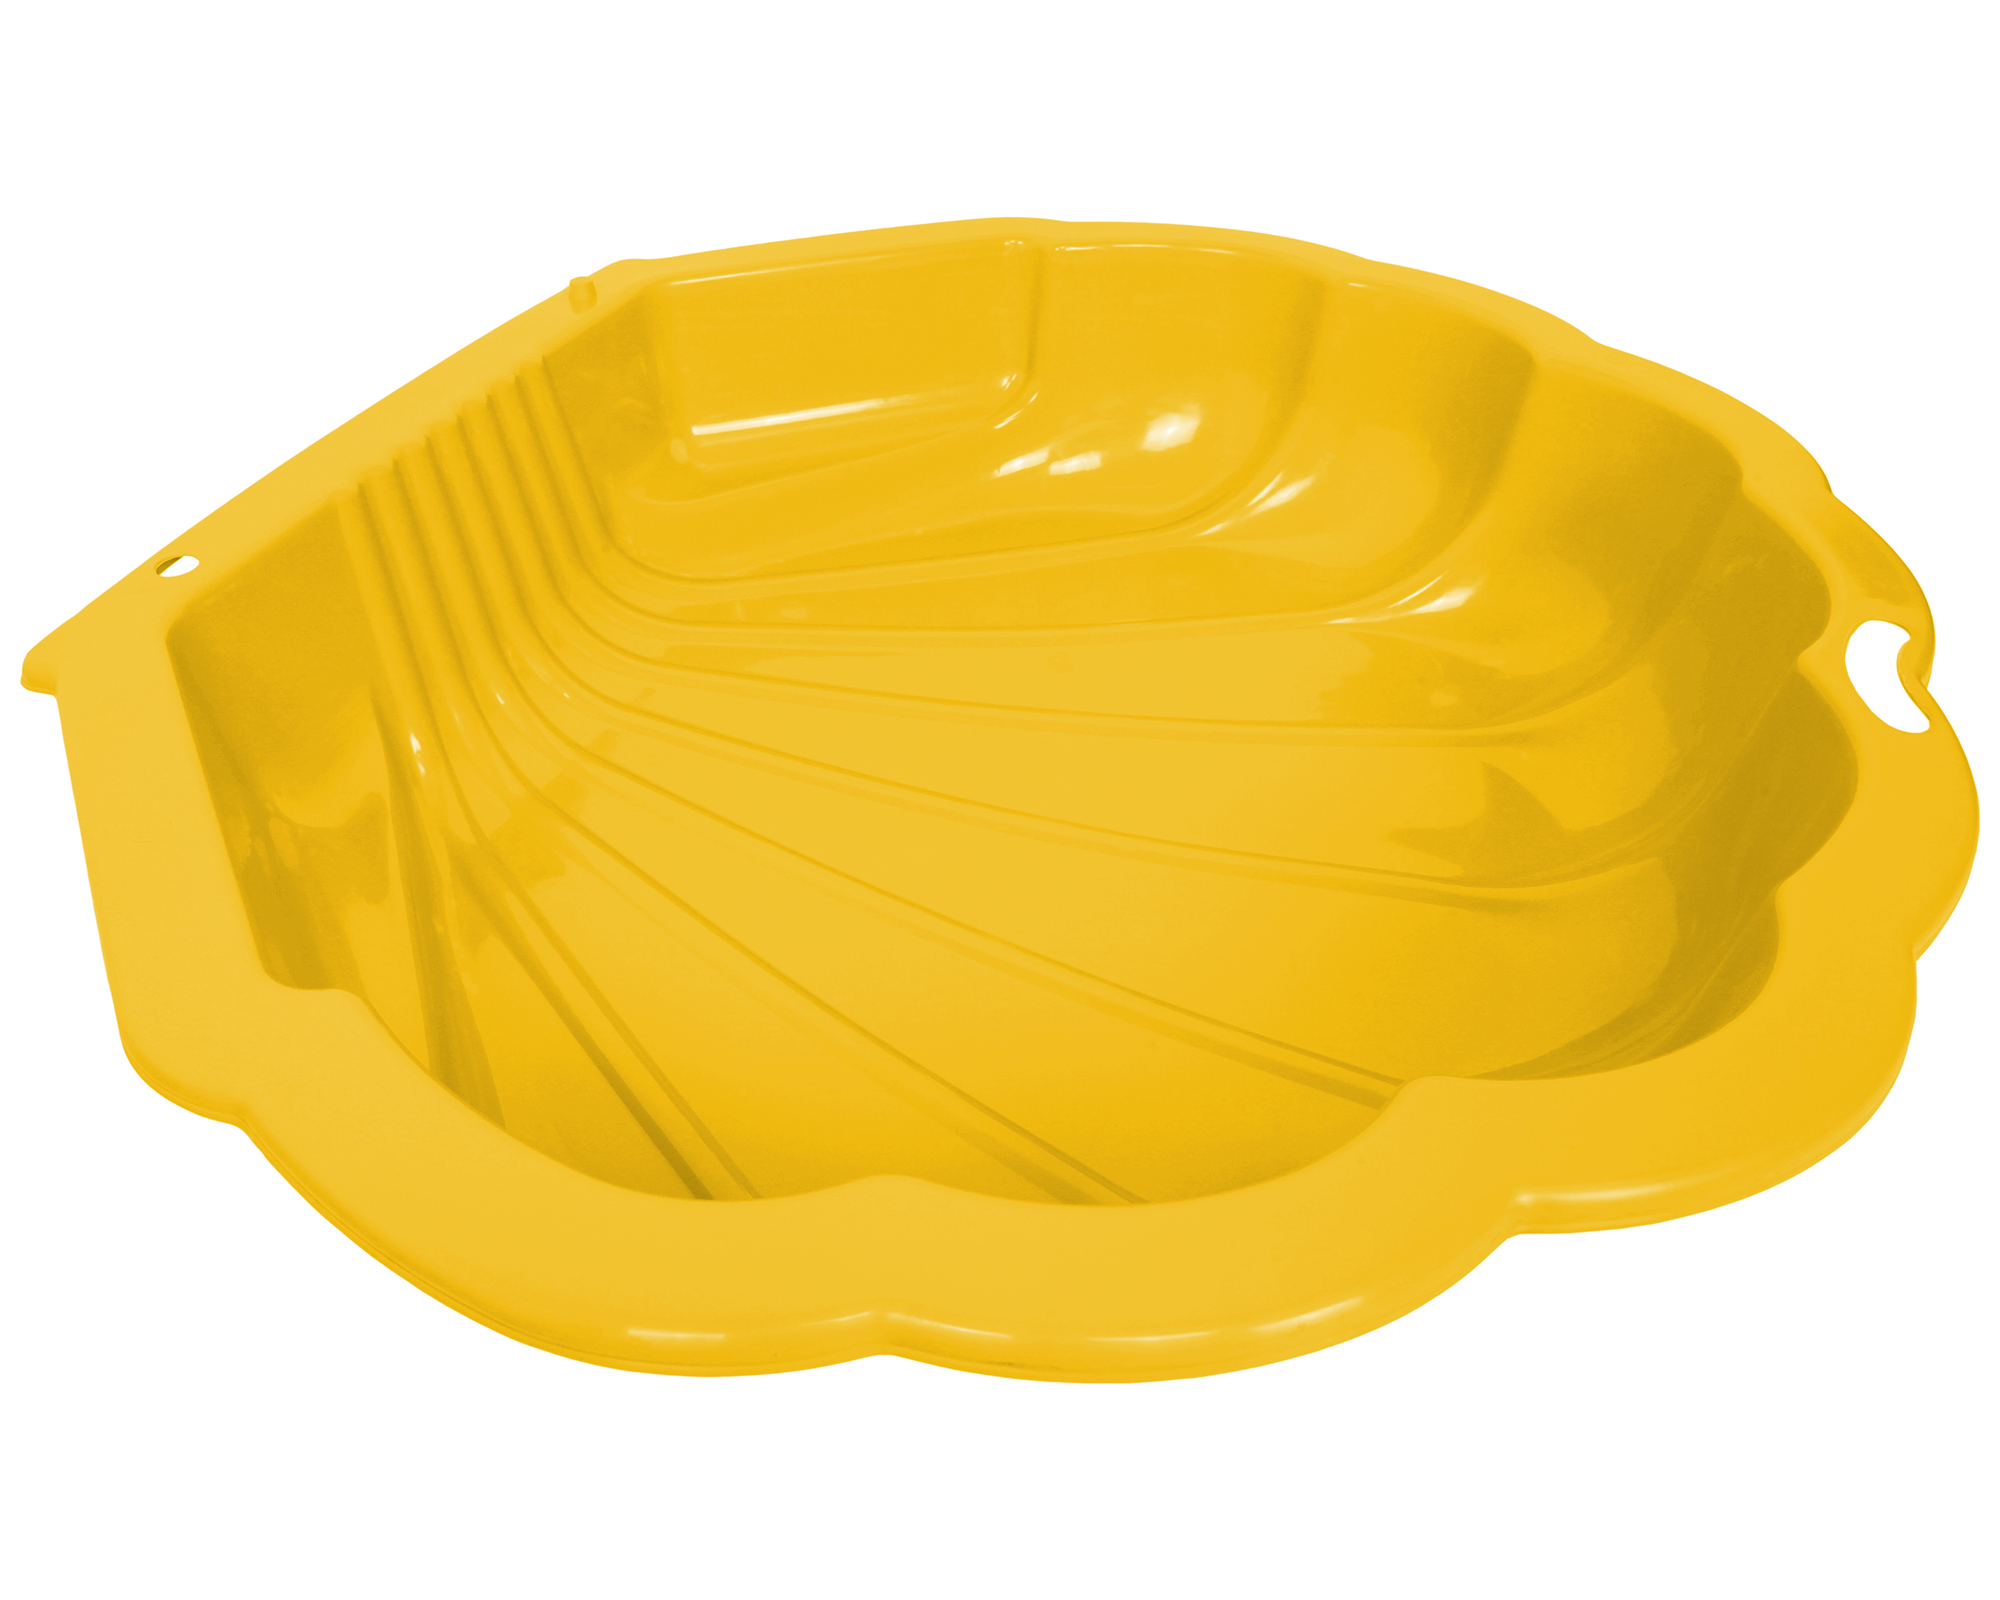 ondis24 sandkasten muschel wassermuschel gelb g nstig. Black Bedroom Furniture Sets. Home Design Ideas